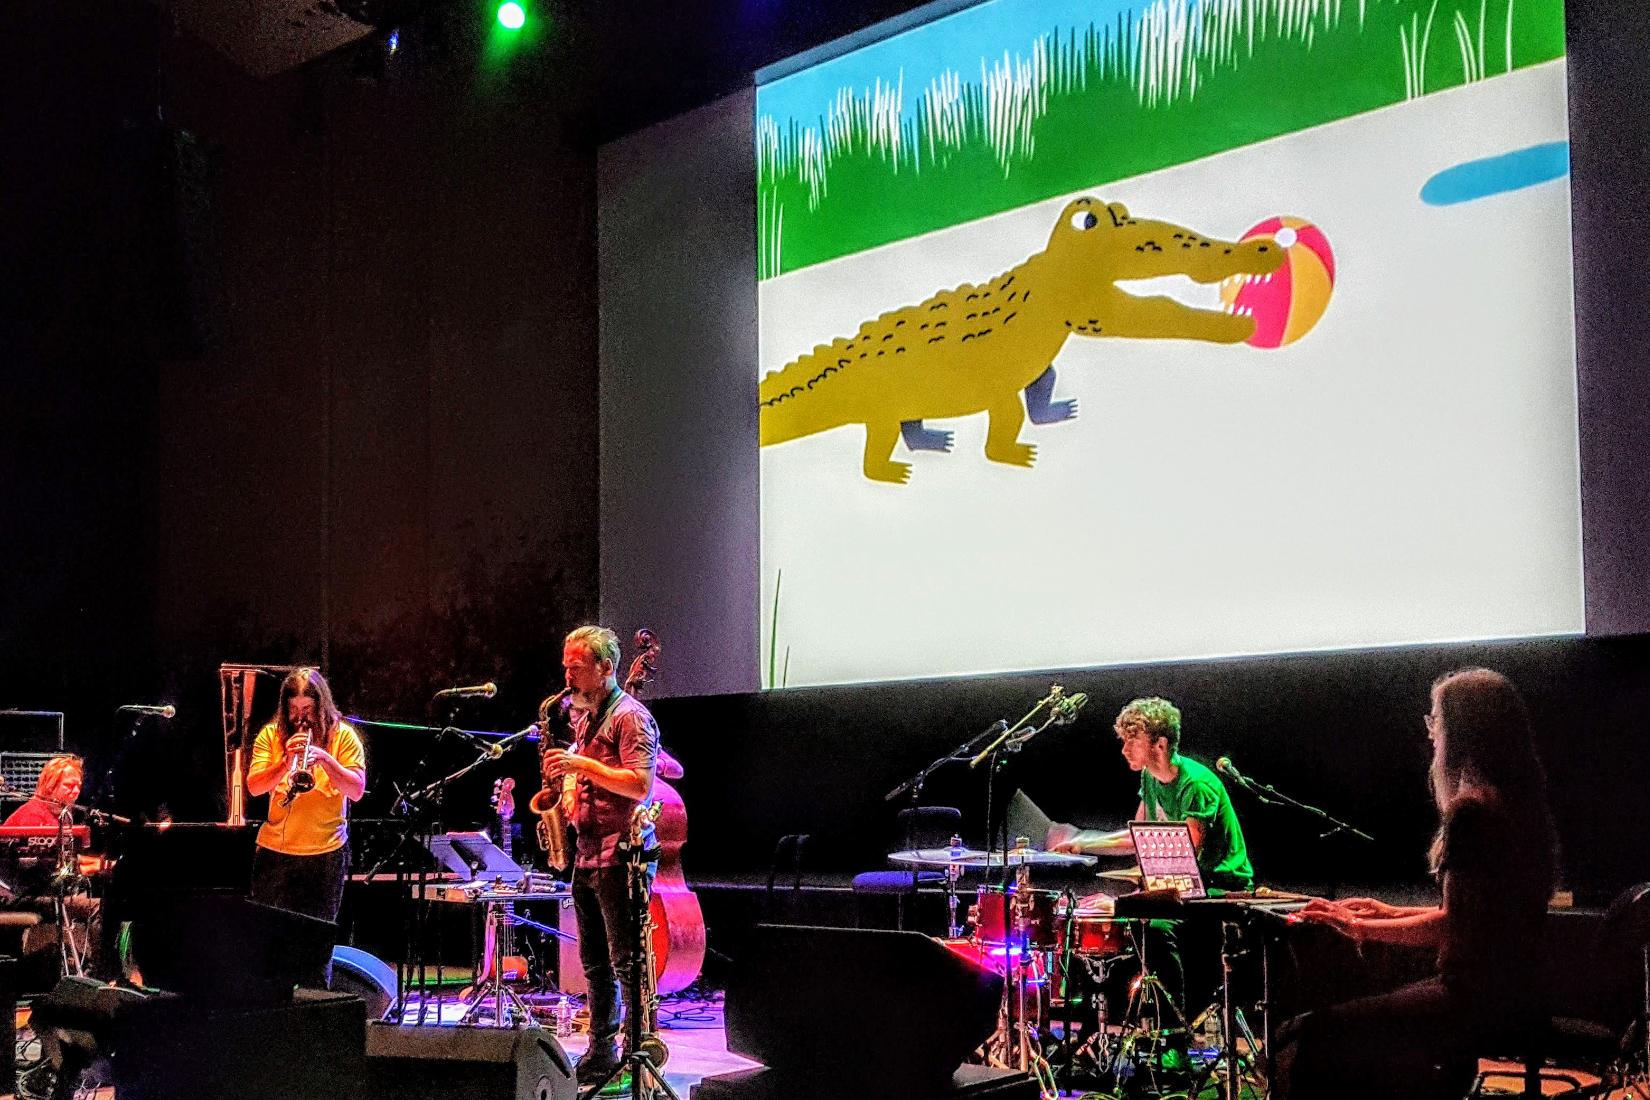 concert de jazzo par oddjob : écran derrière avec dessin animé et devant quintet joue du jazz